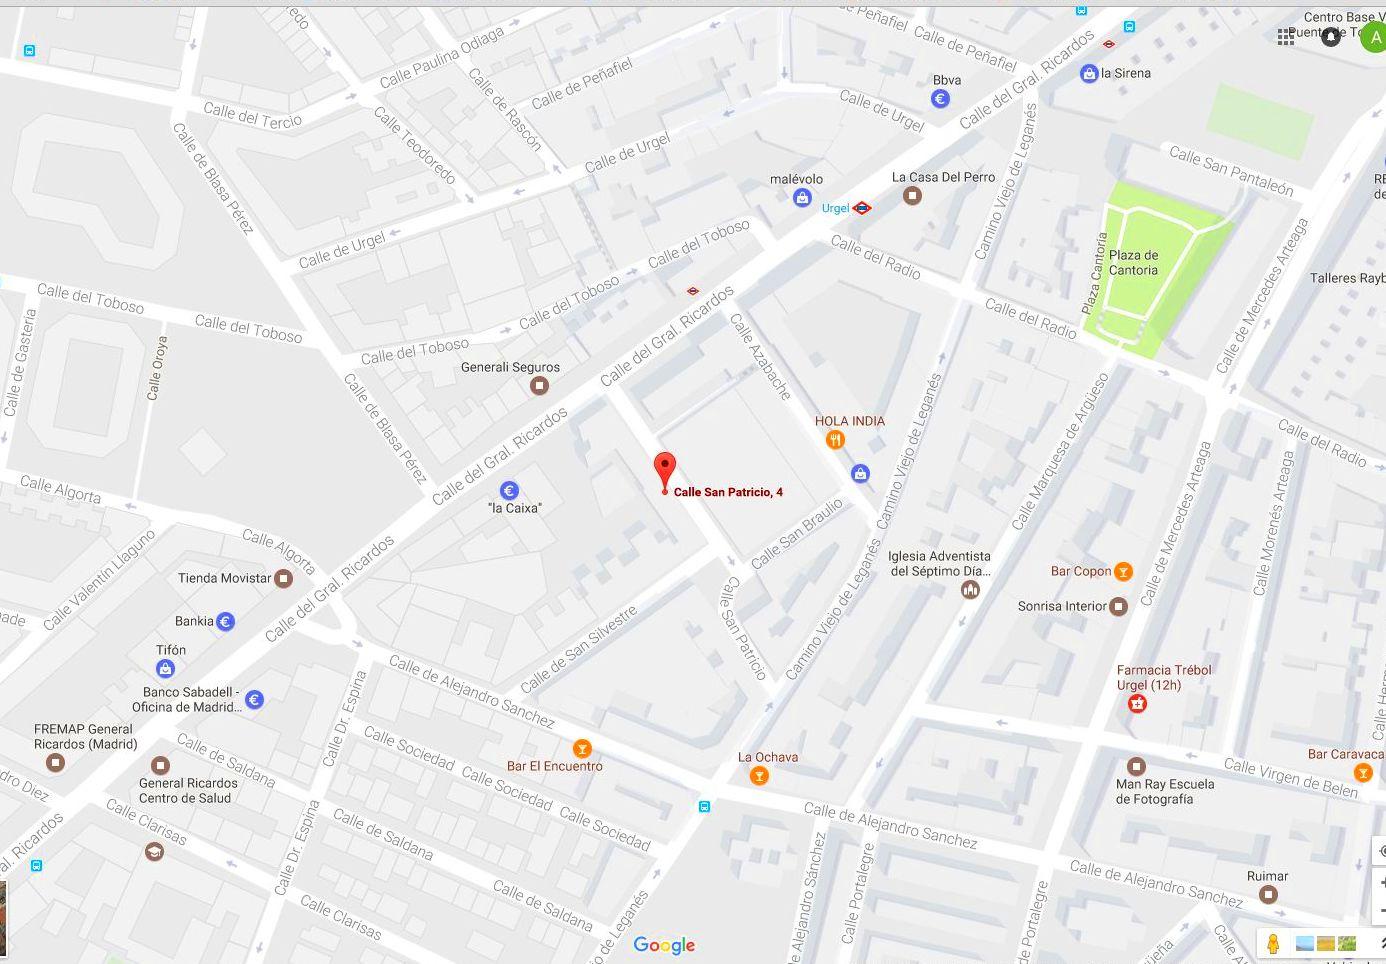 *Centro de estética en Carabanchel|Centro de estética Paloma Olivo